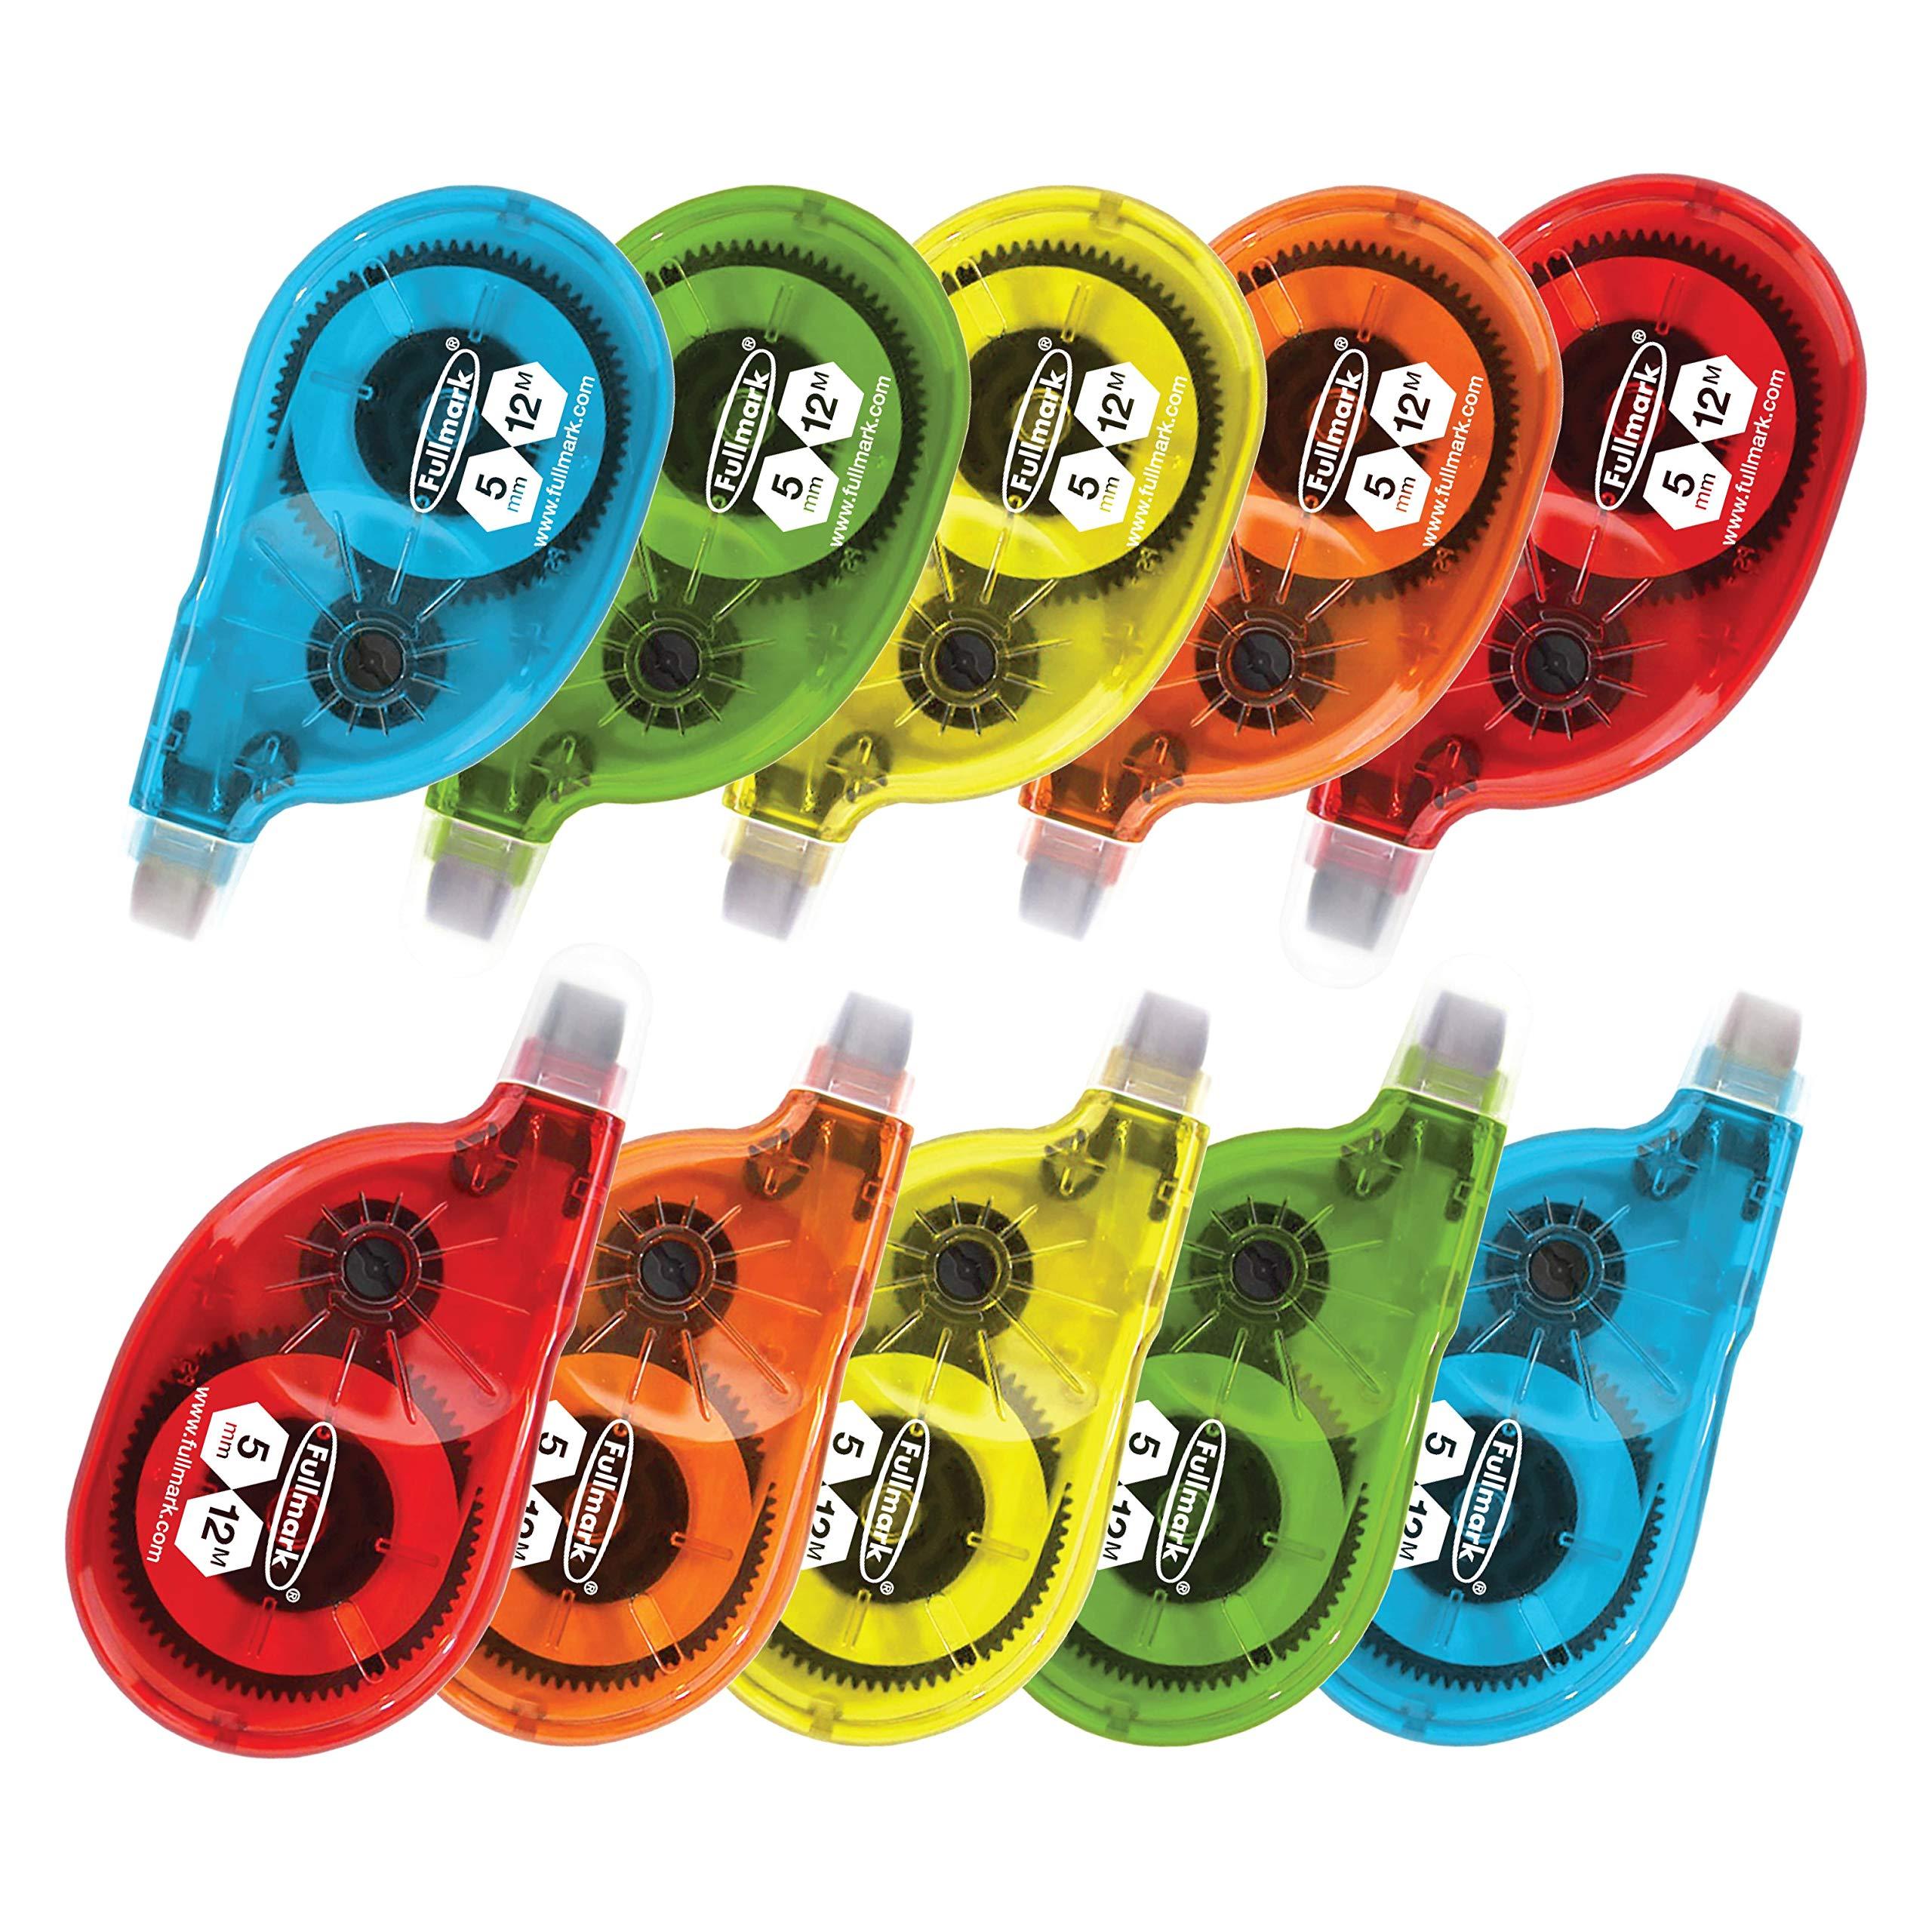 Fullmark Model P Correction Tape, 0.2'' X 472'' each, 10-pack by Fullmark (Image #1)